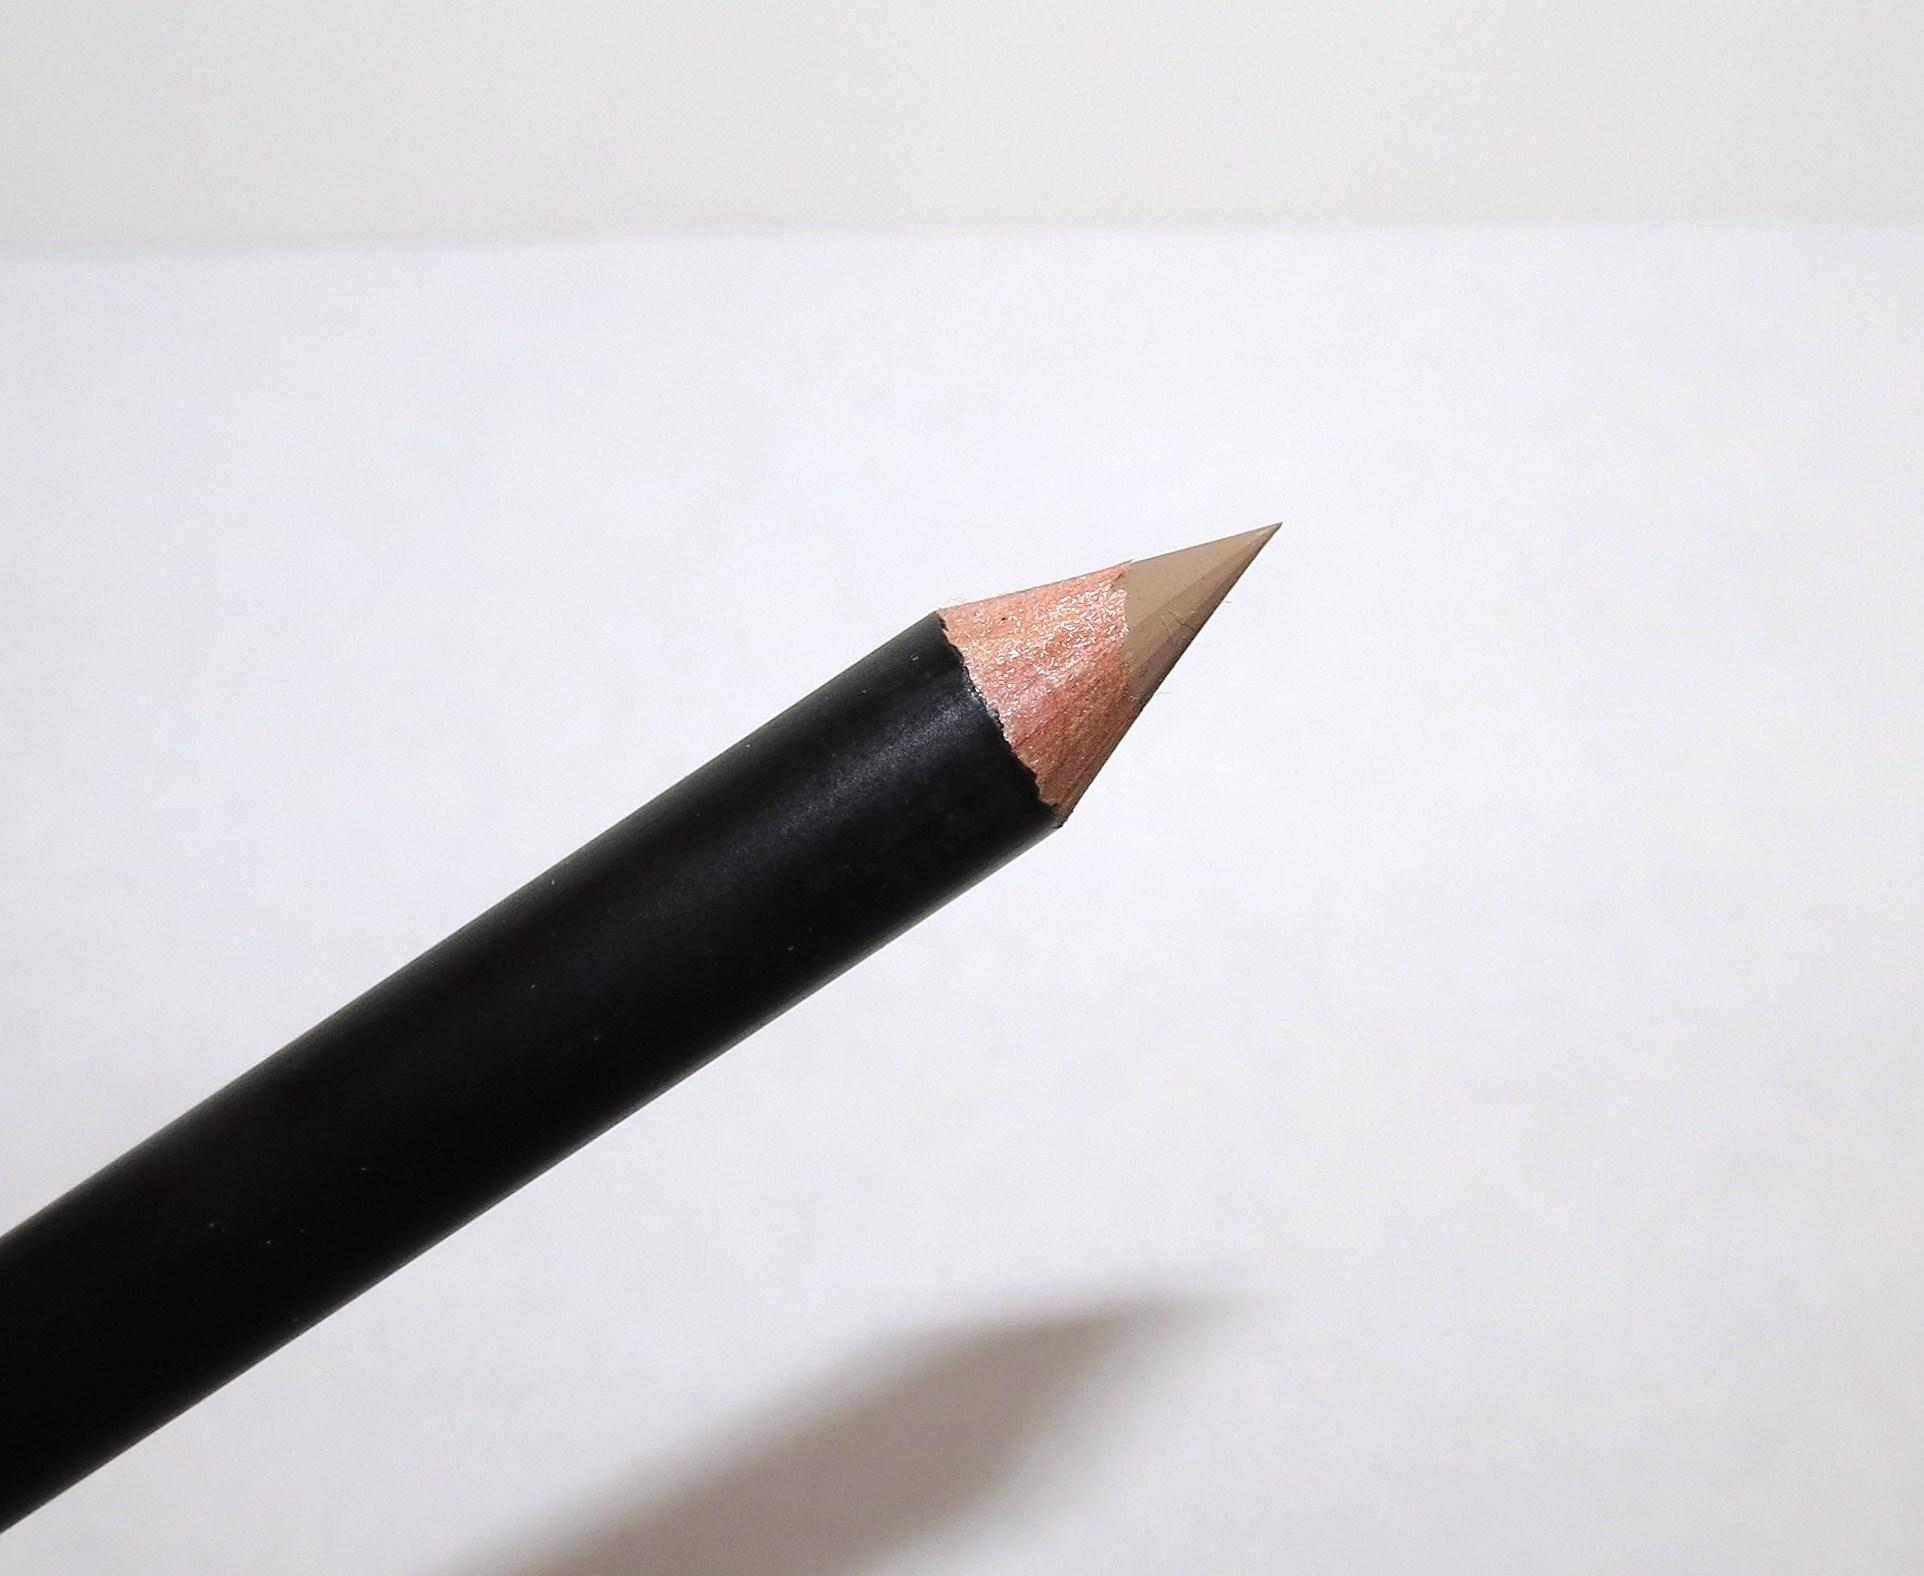 Le Metier De Beaute Natural Blonde Brow Bound Eyebrow Pencil